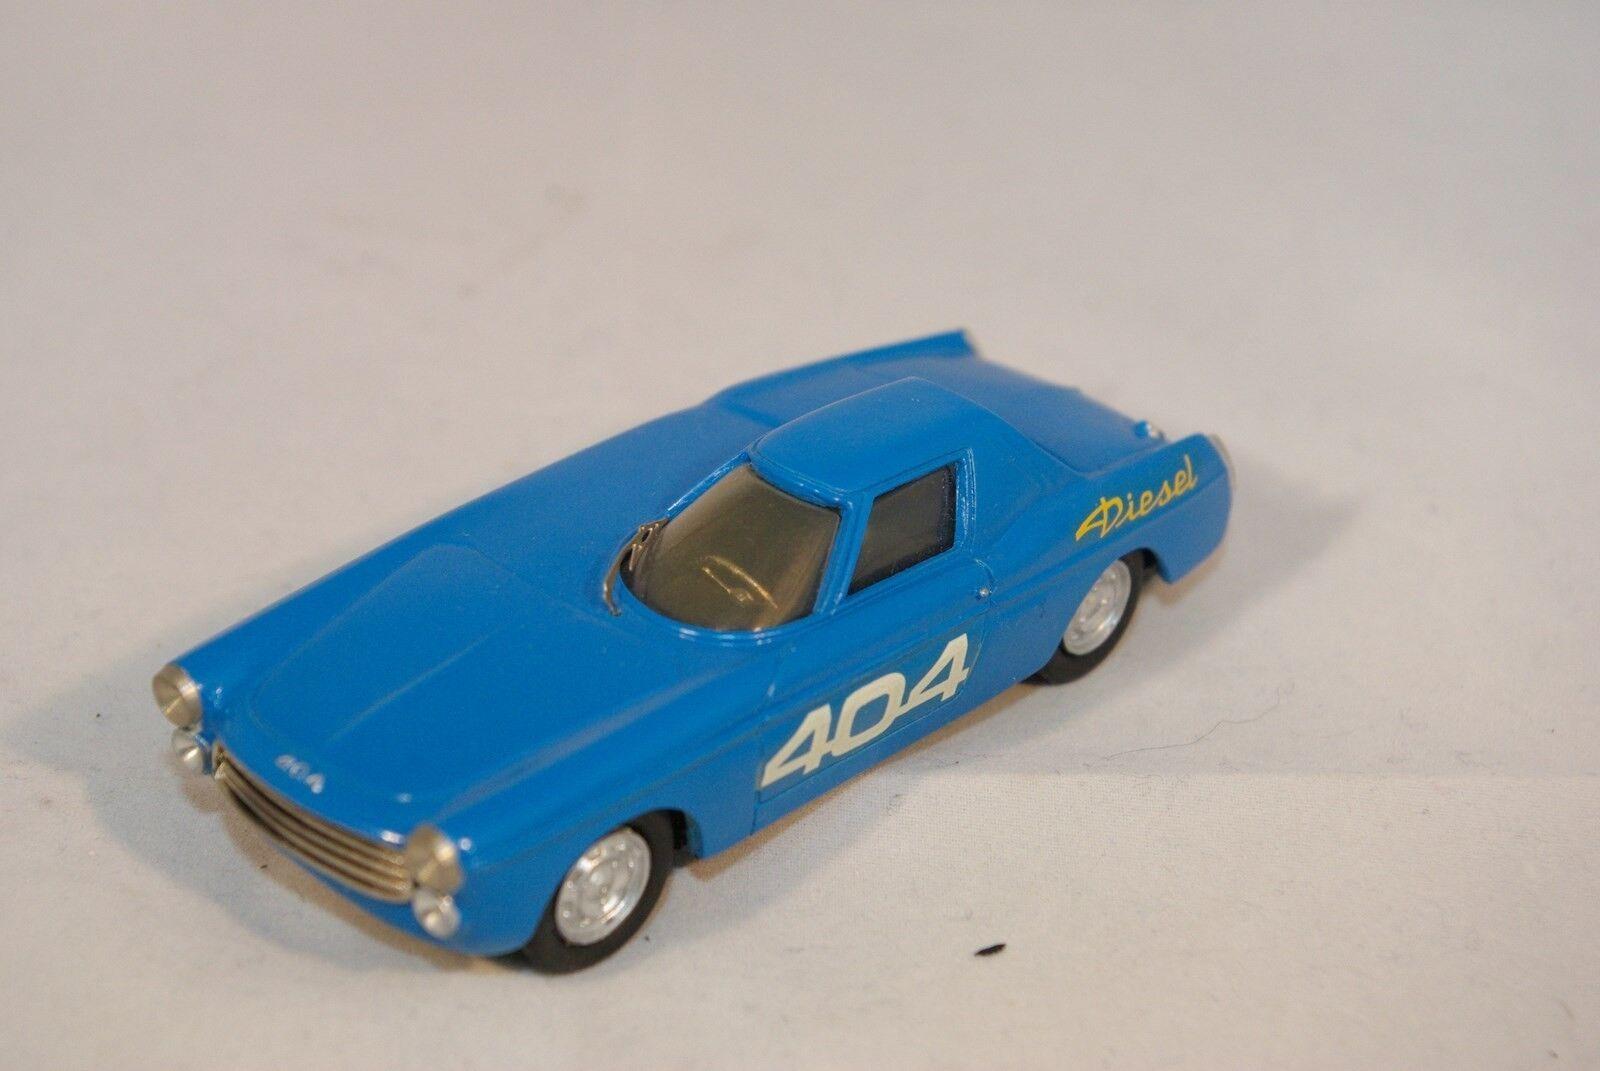 RETRO BOLIDE BOLIDE BOLIDE RETRO-BOLIDE 3 PEUGEOT 404 DIESEL RECORD CAR 1965 MINT RARE SELTEN  0159fa